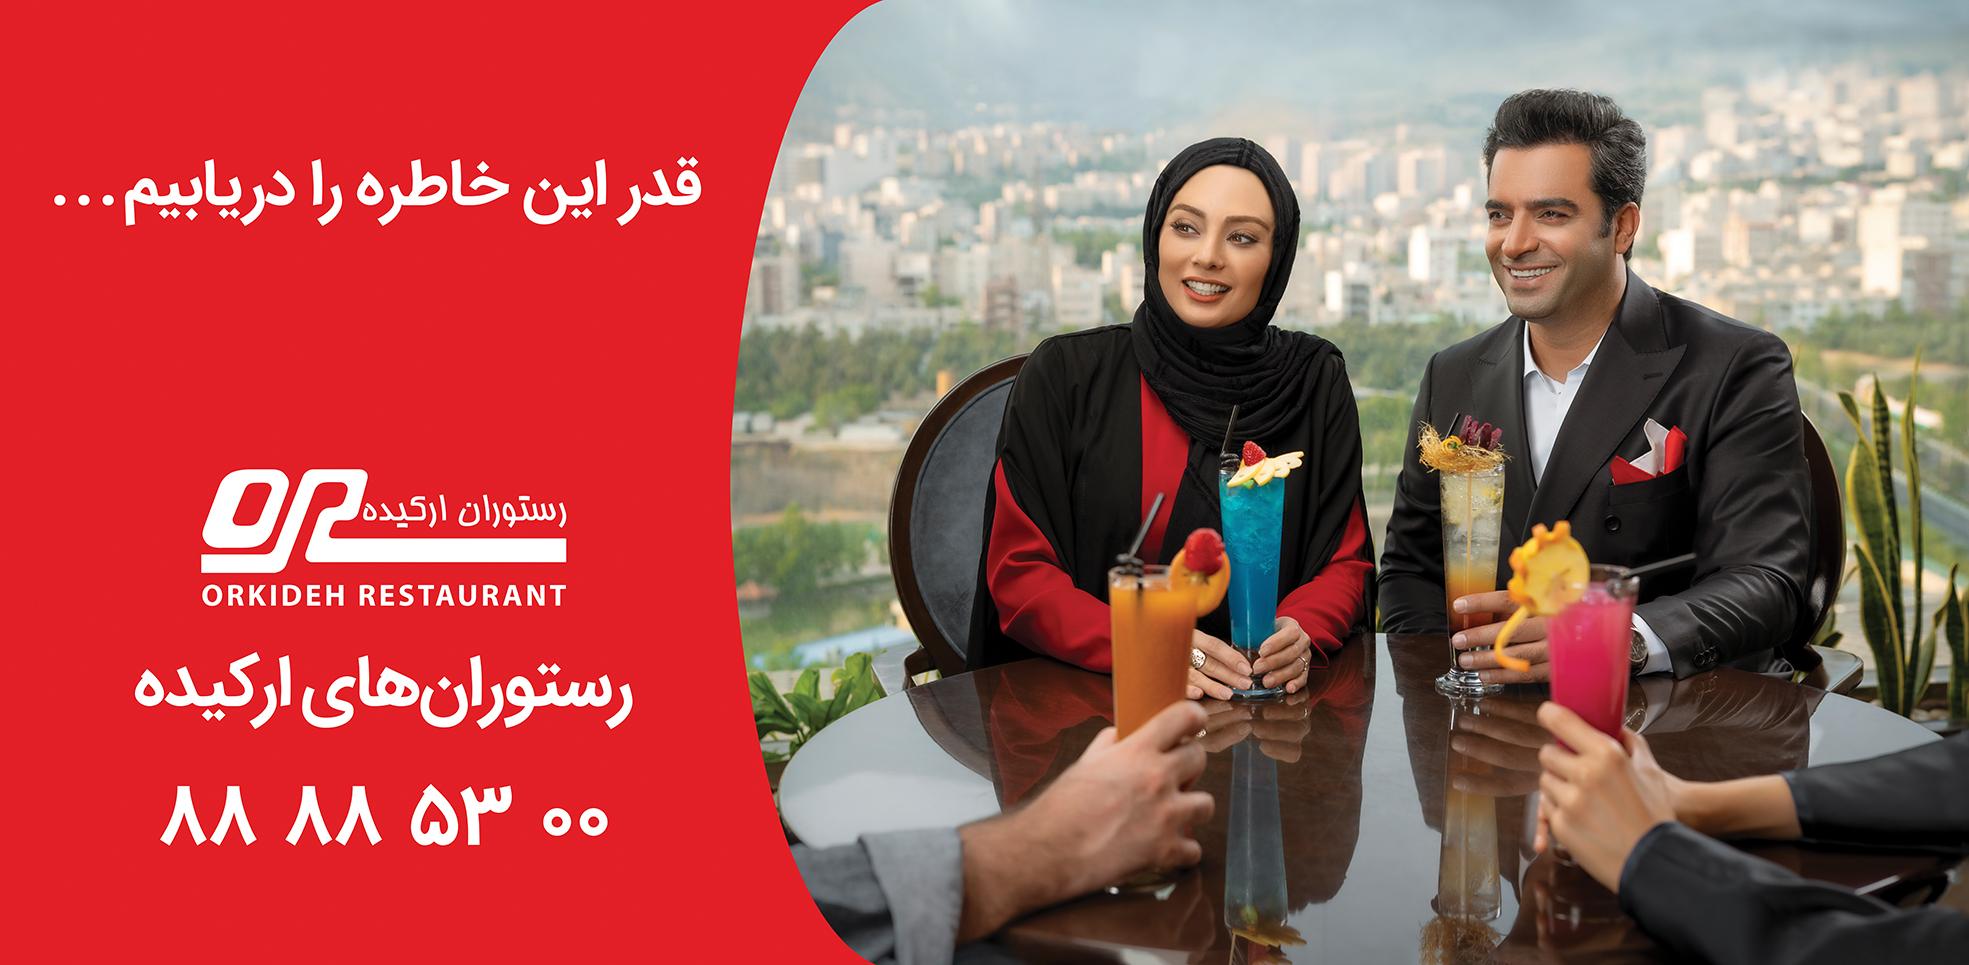 حضور یکتا ناصر و منوچهر هادی در تبلیغات رستوران ارکیده